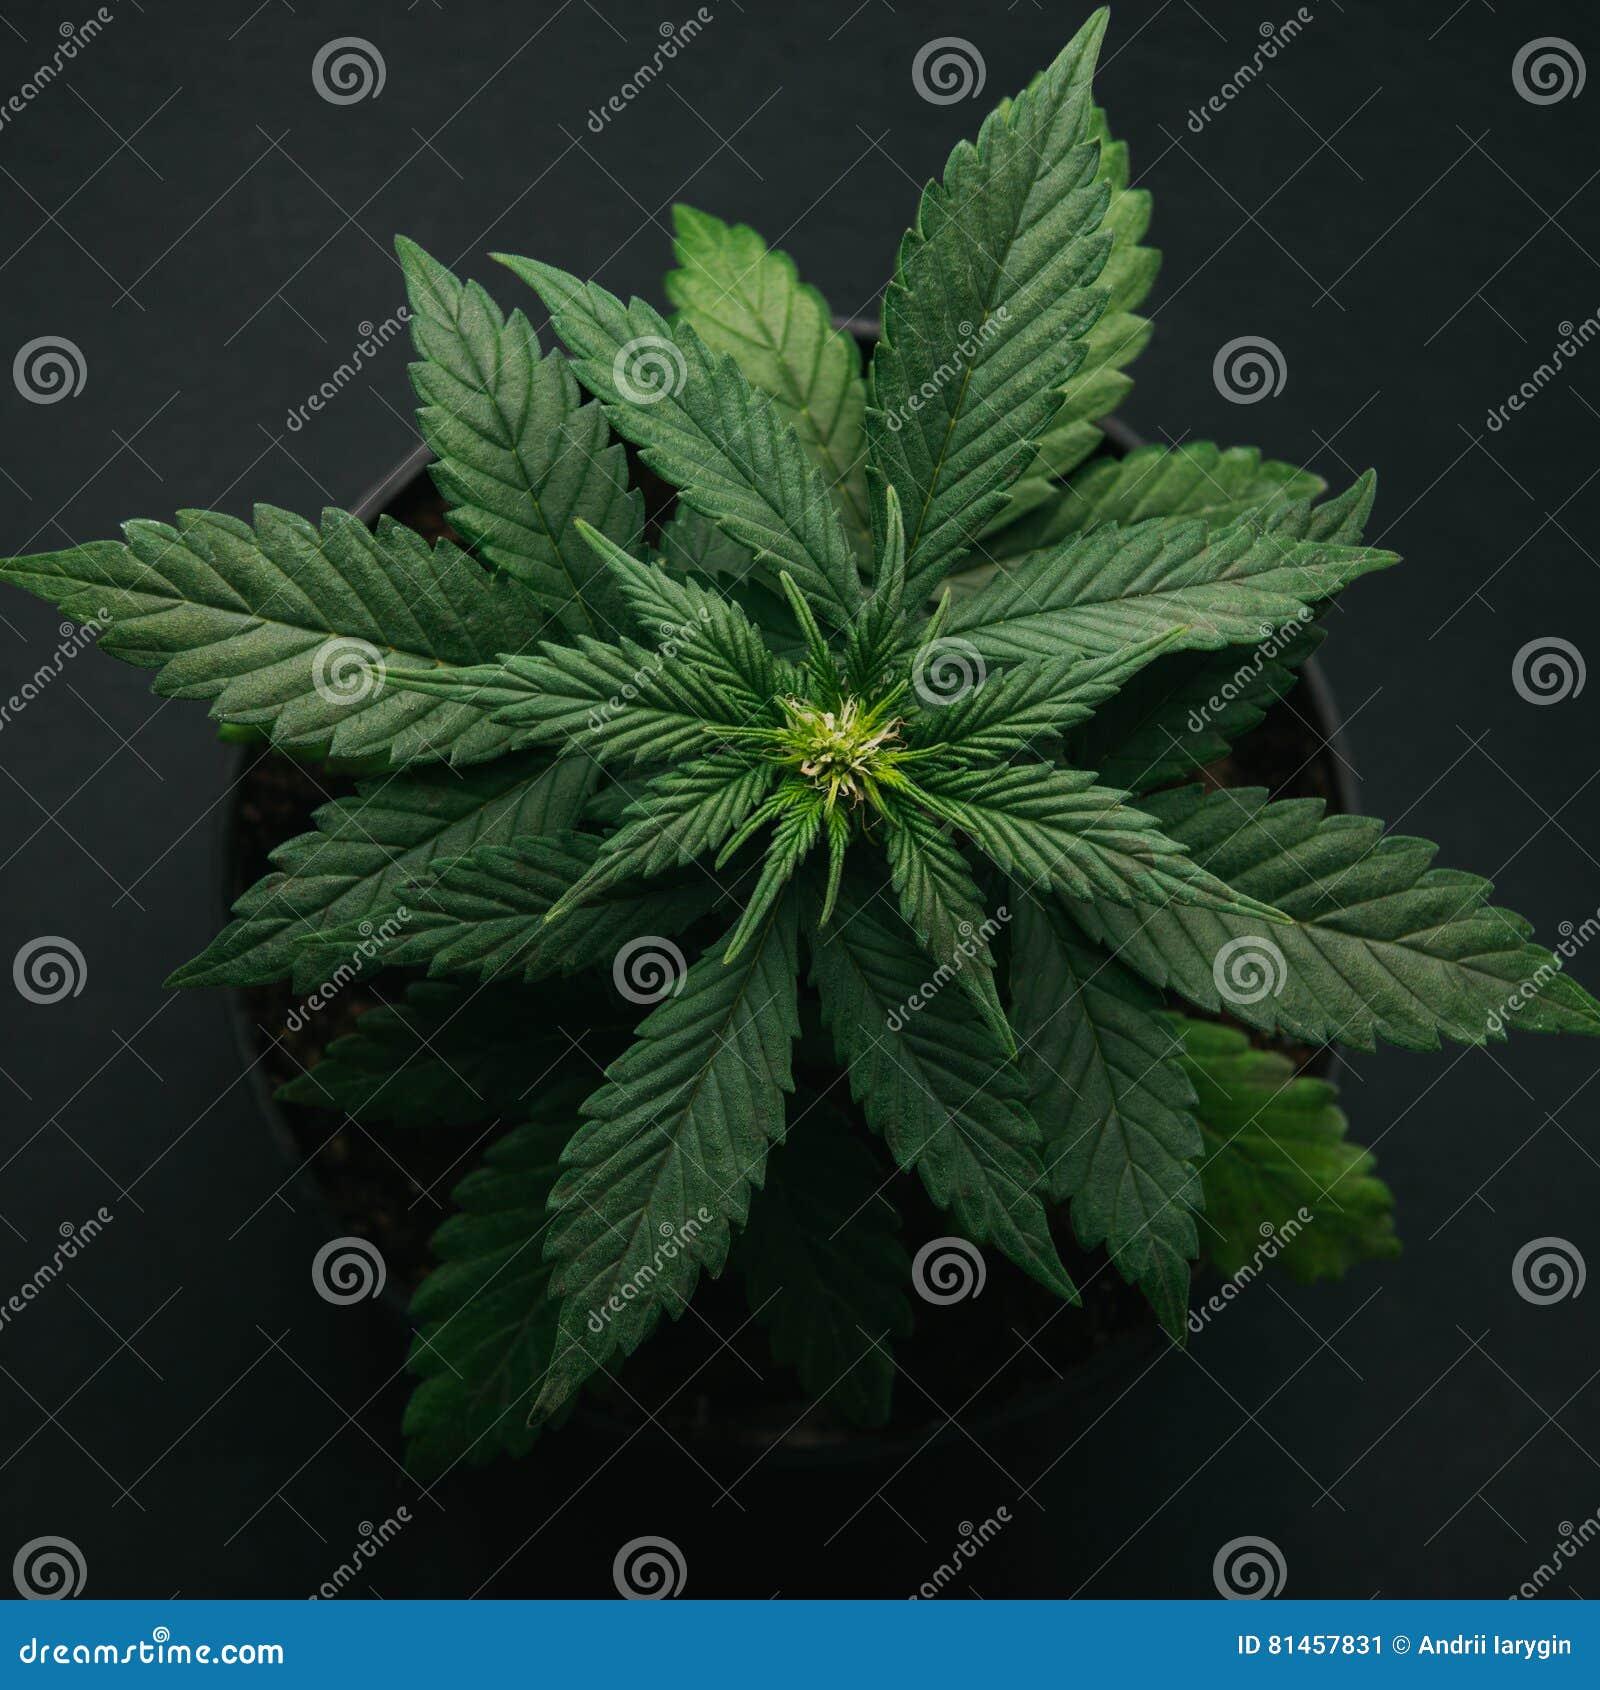 Marijuana in pot vegetation